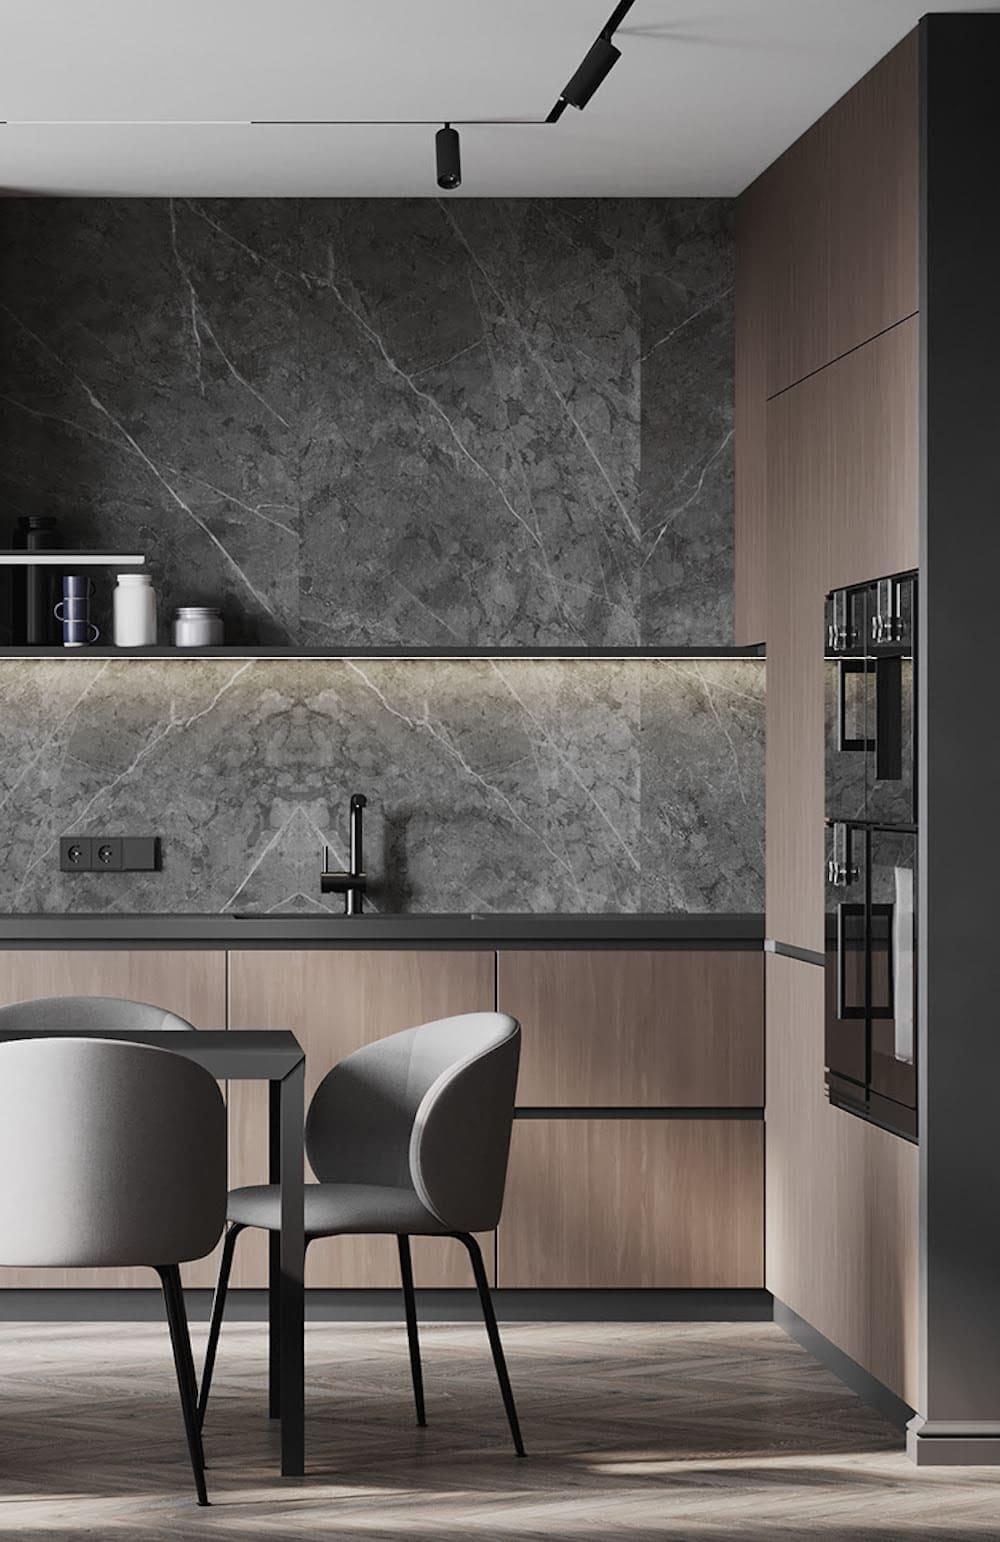 дизайн кухни в современном стиле фото 79